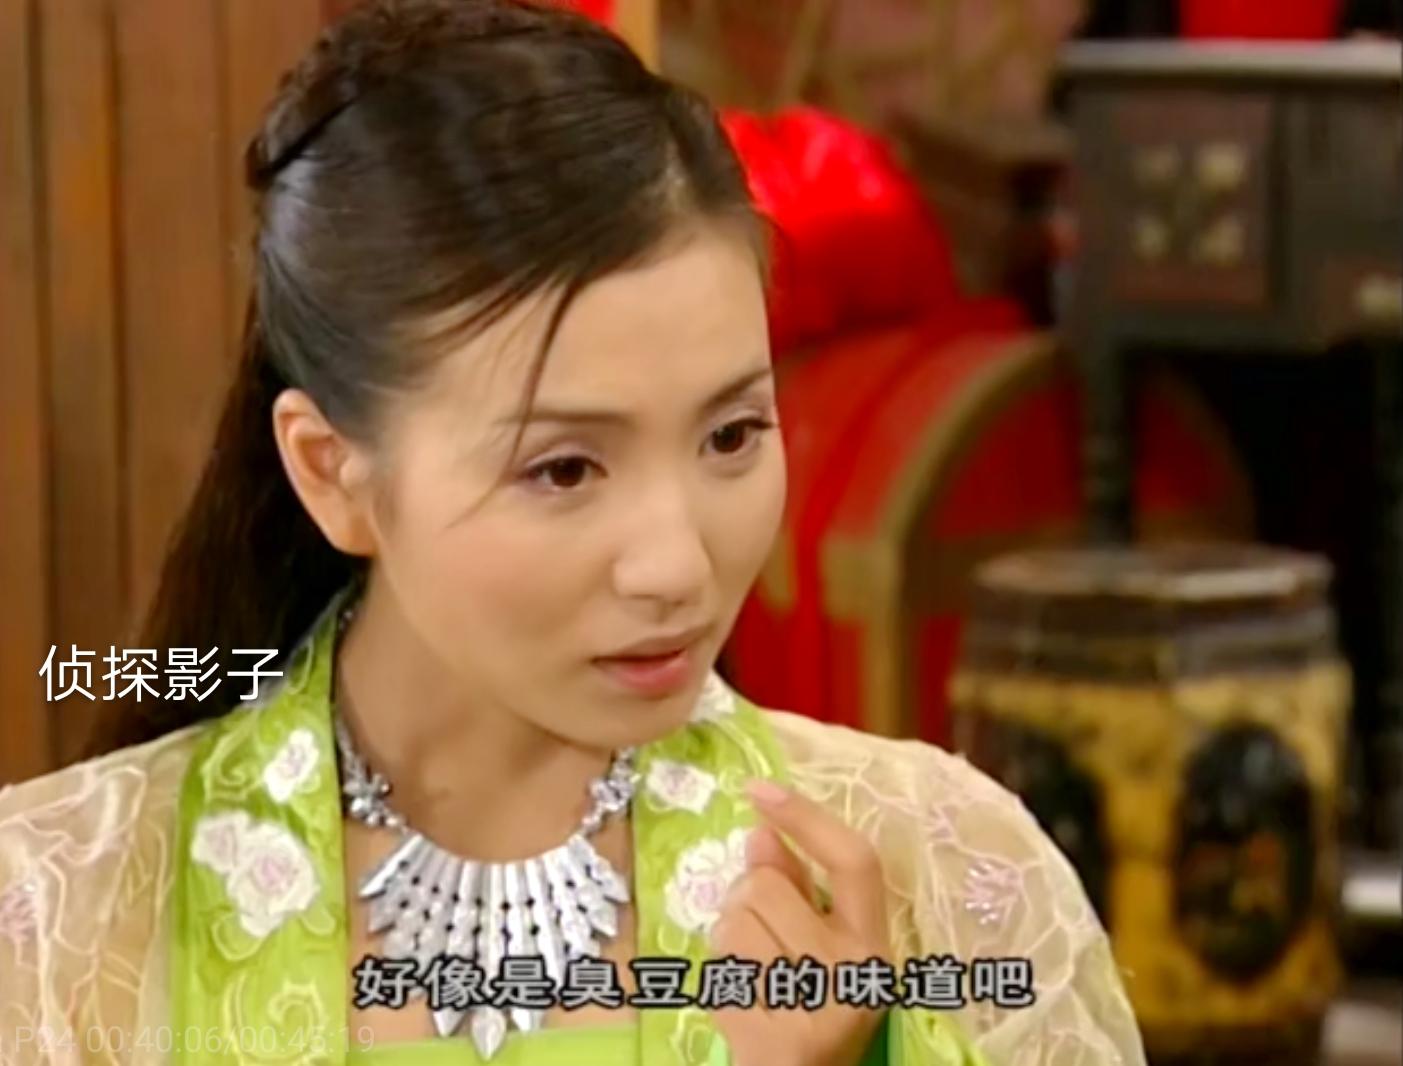 《选妃记》中,陈好演的明明是善良女主,怎么表现的像恶毒女配?